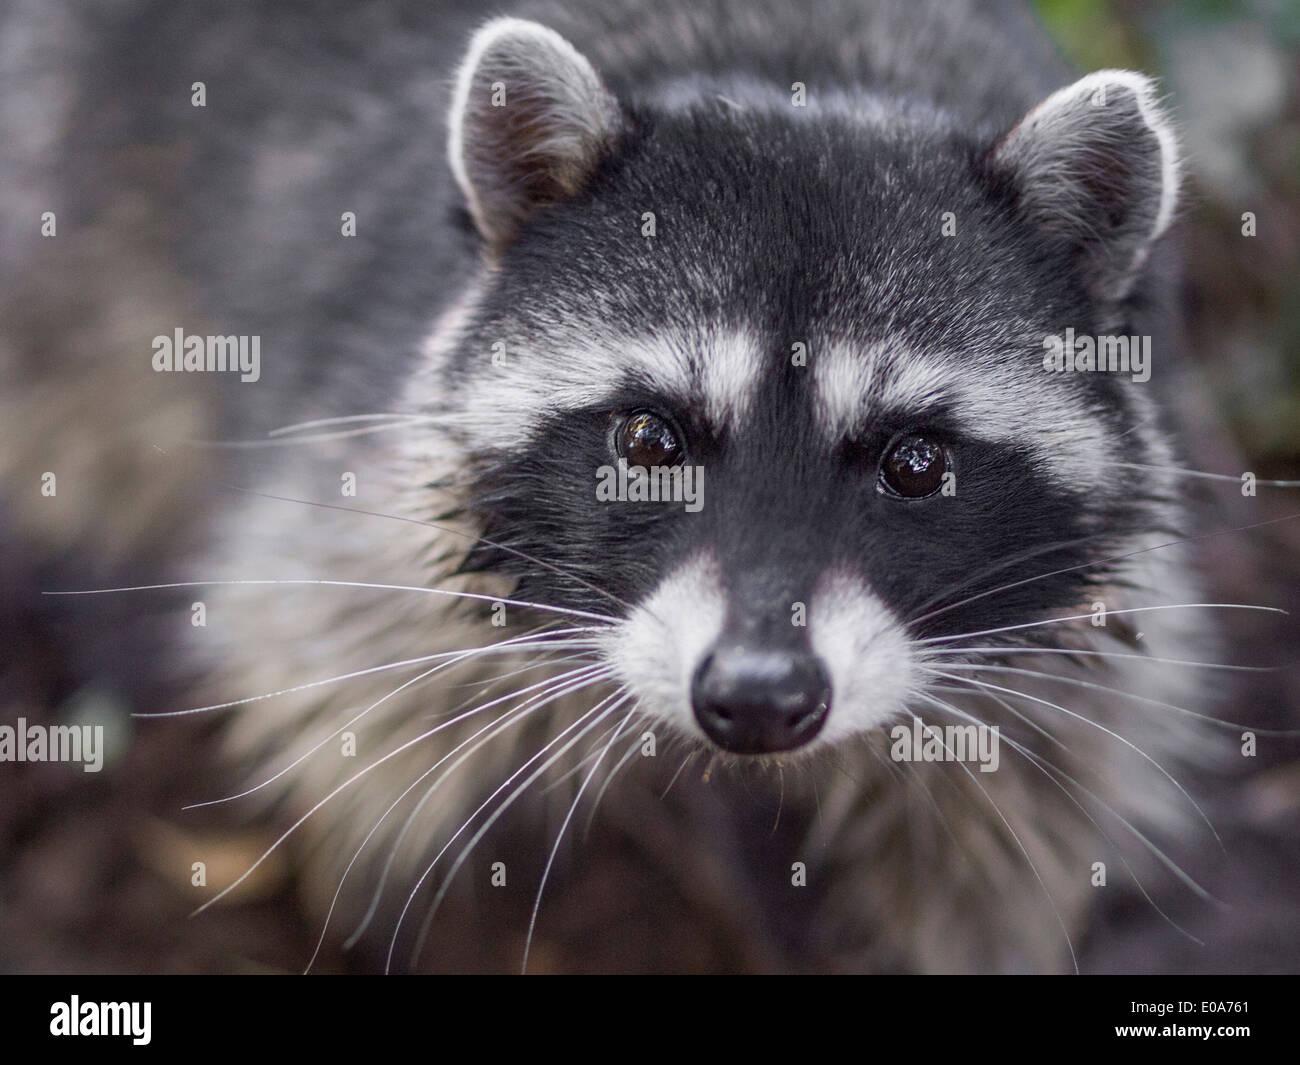 Retrato de mapache, Procyon lotor, San Francisco, California, EE.UU. Imagen De Stock